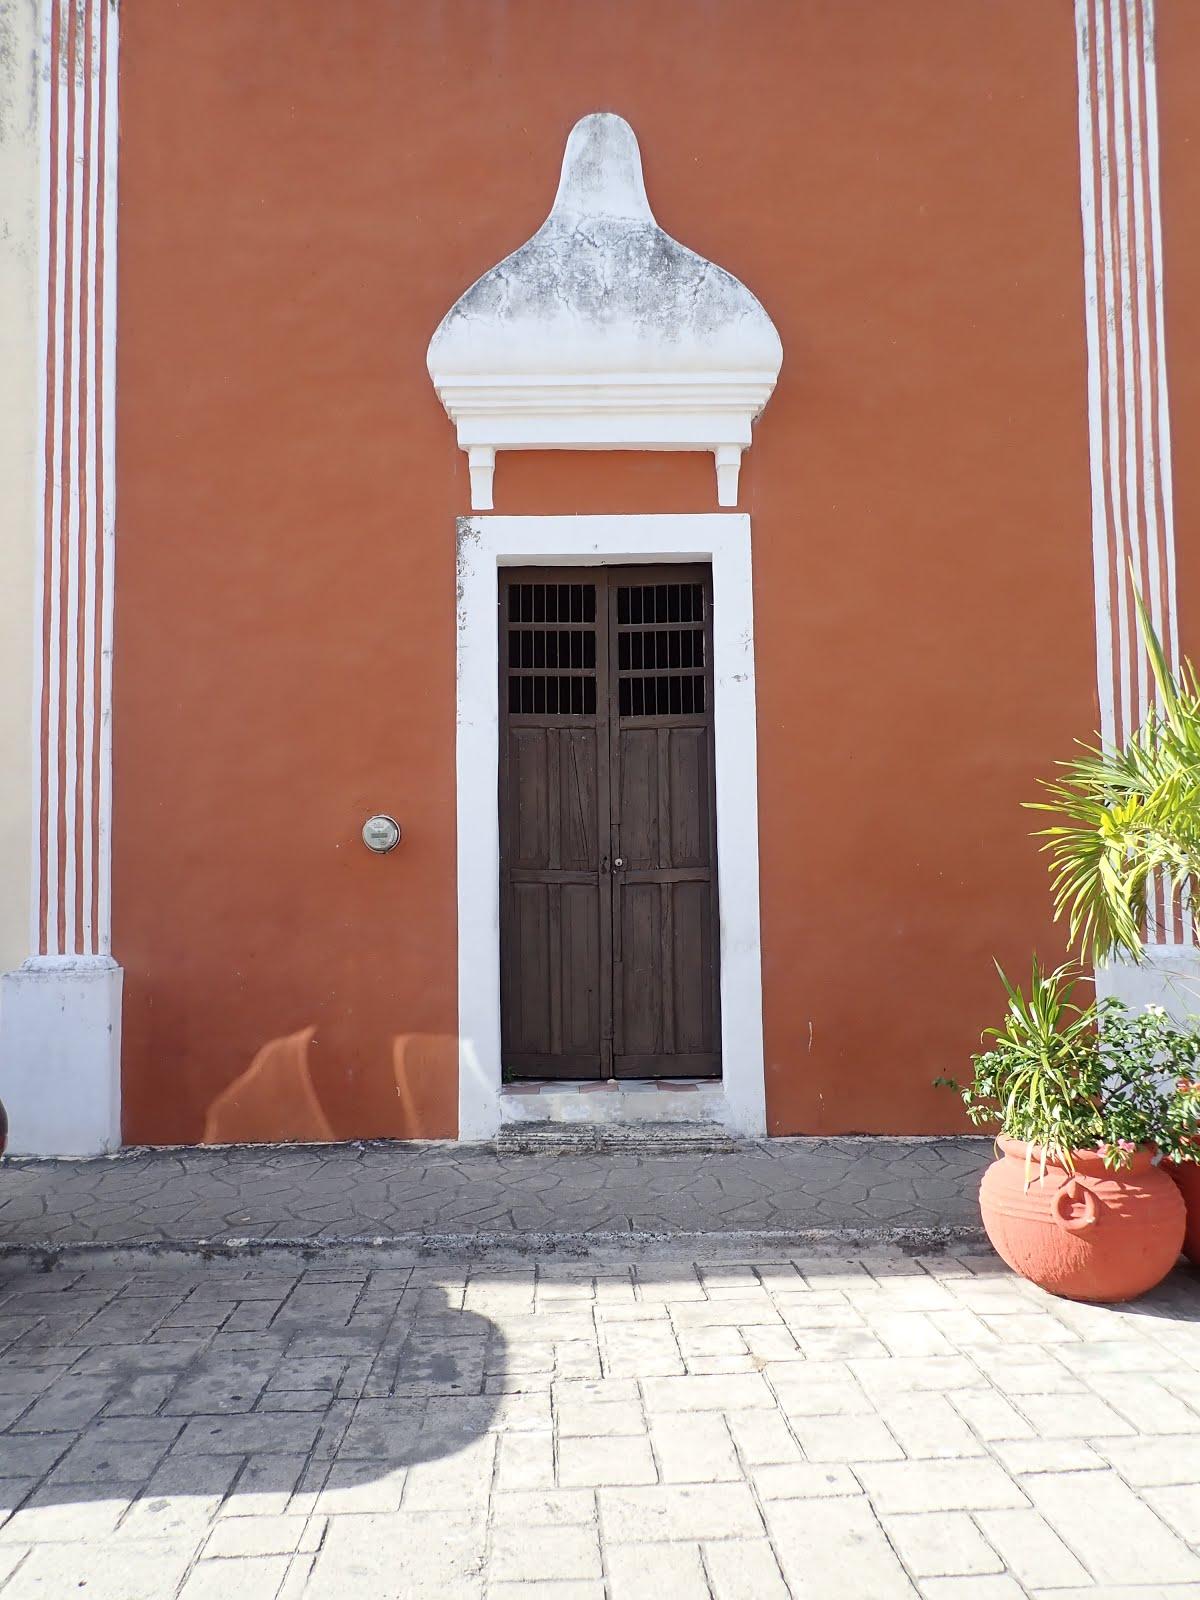 habitation colorée de Valladolid